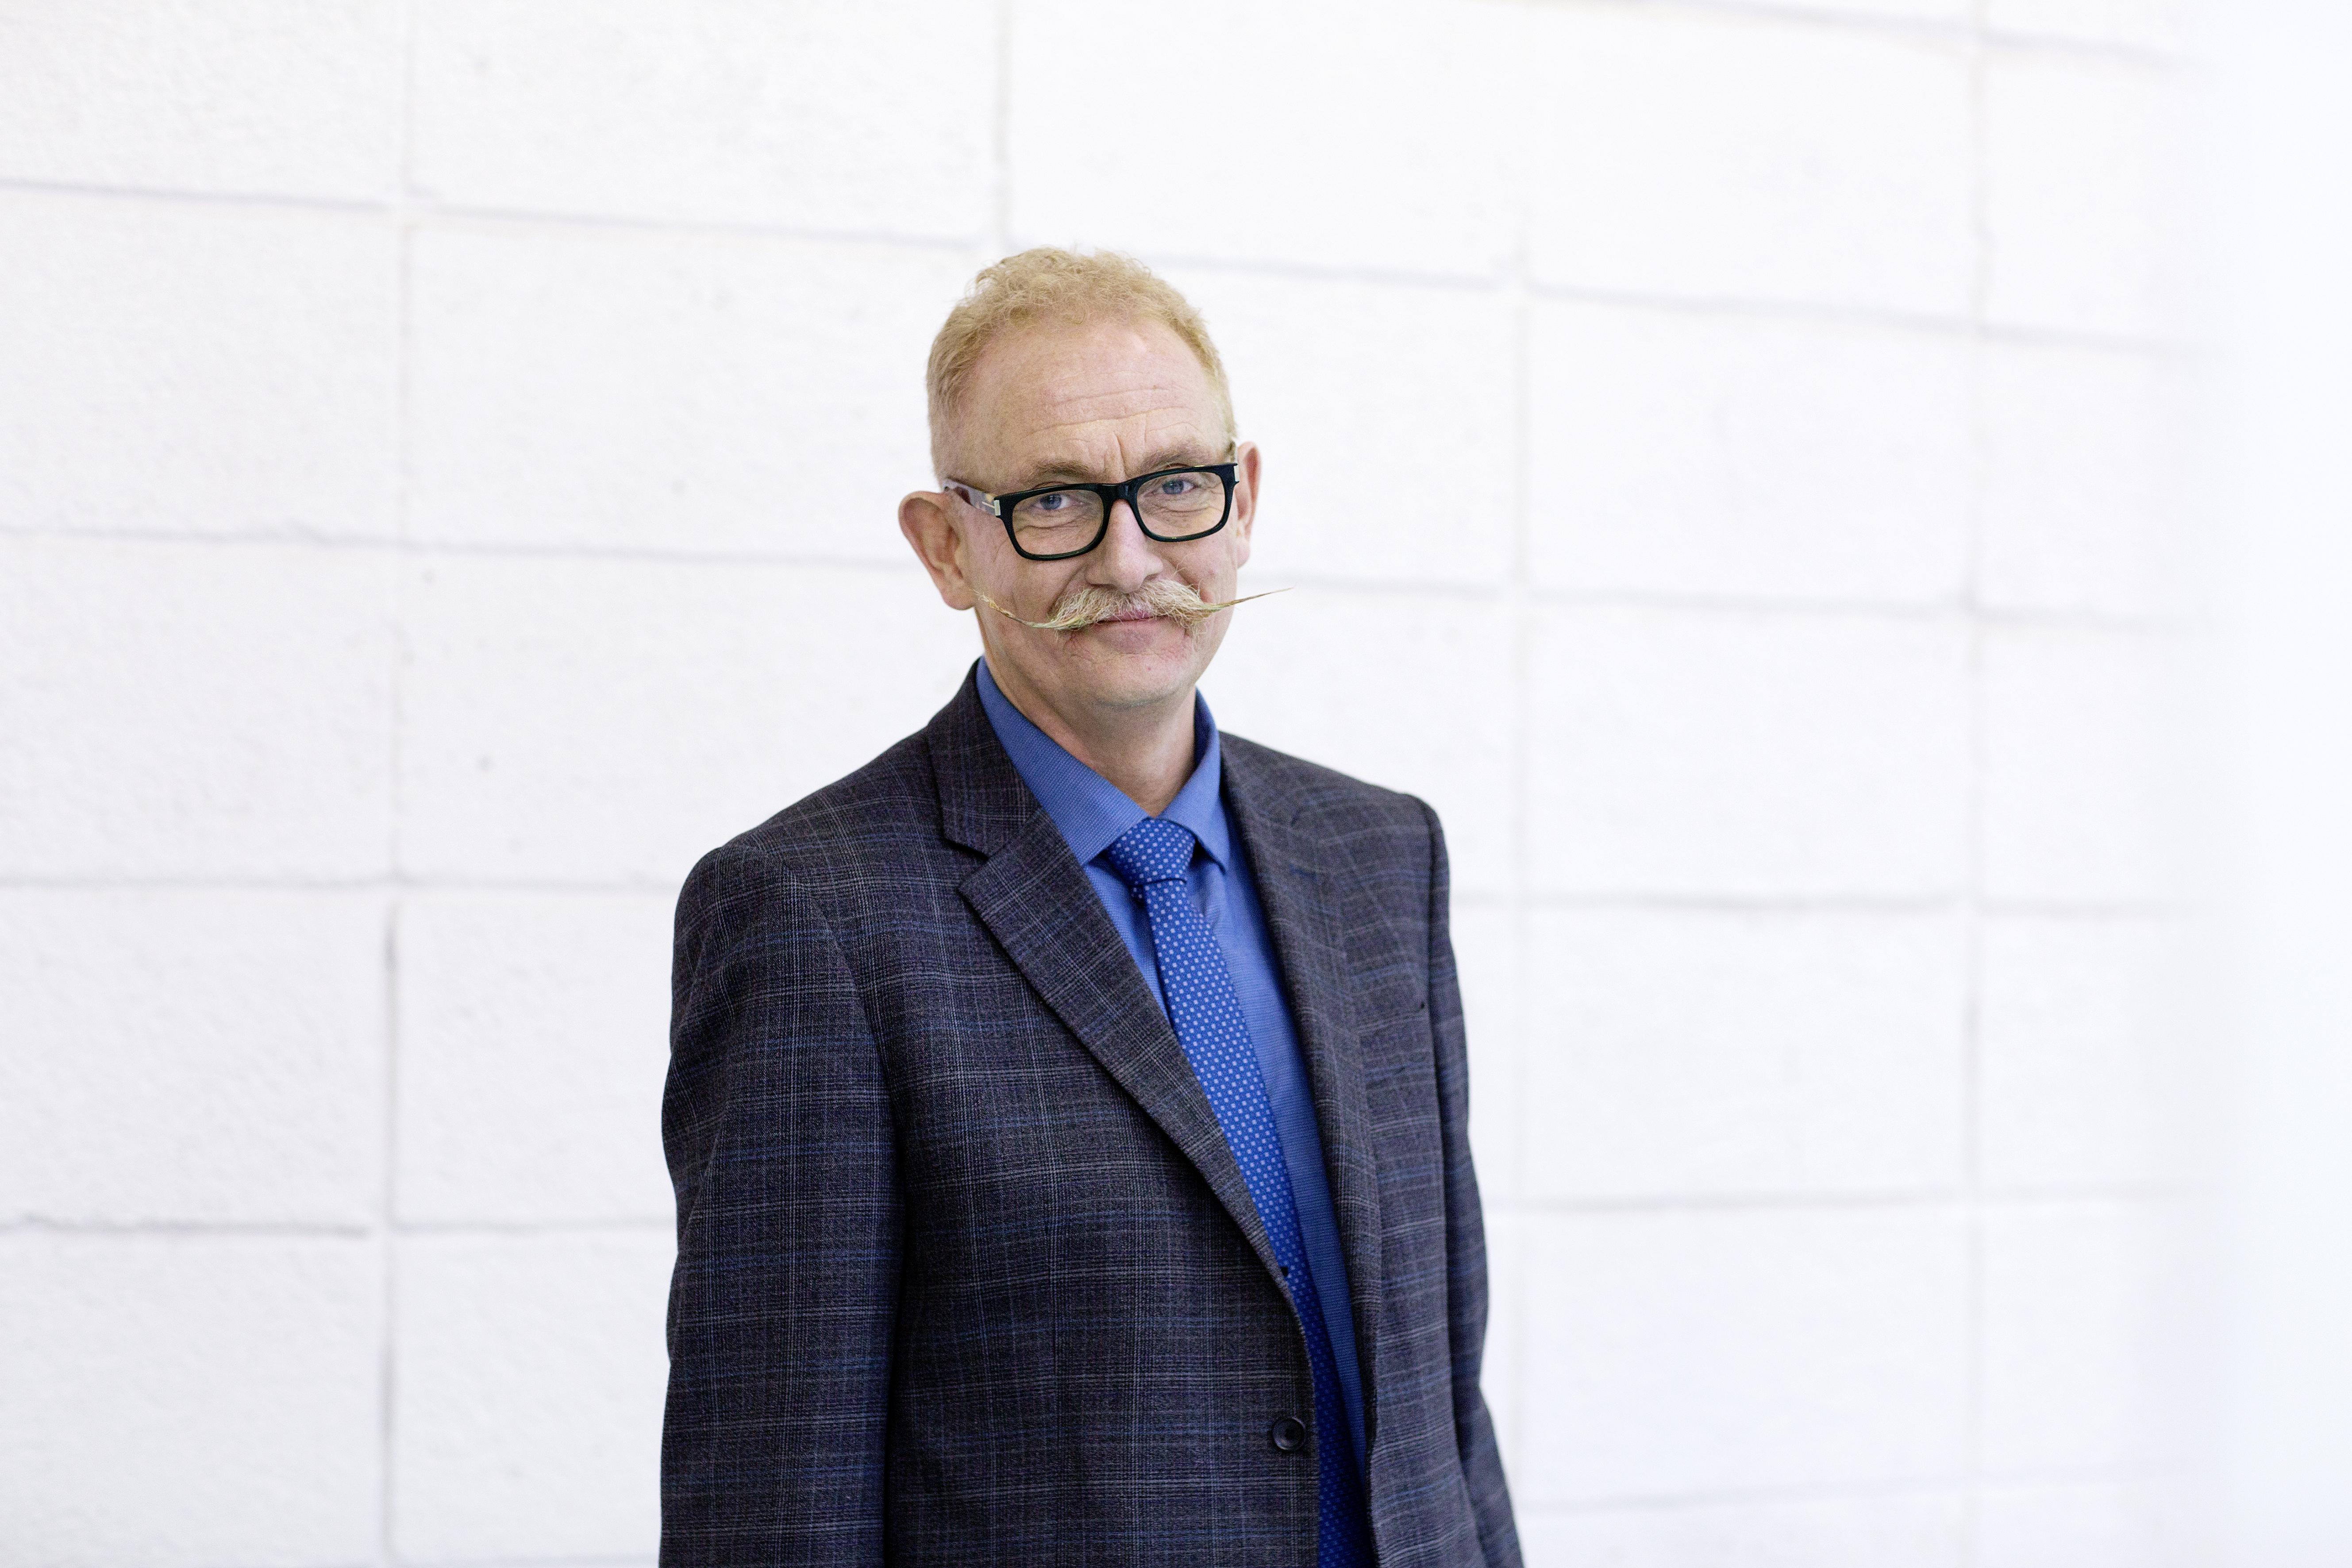 Arve Pettersen, Instituttleder ved NTNU Handelshøyskolen.